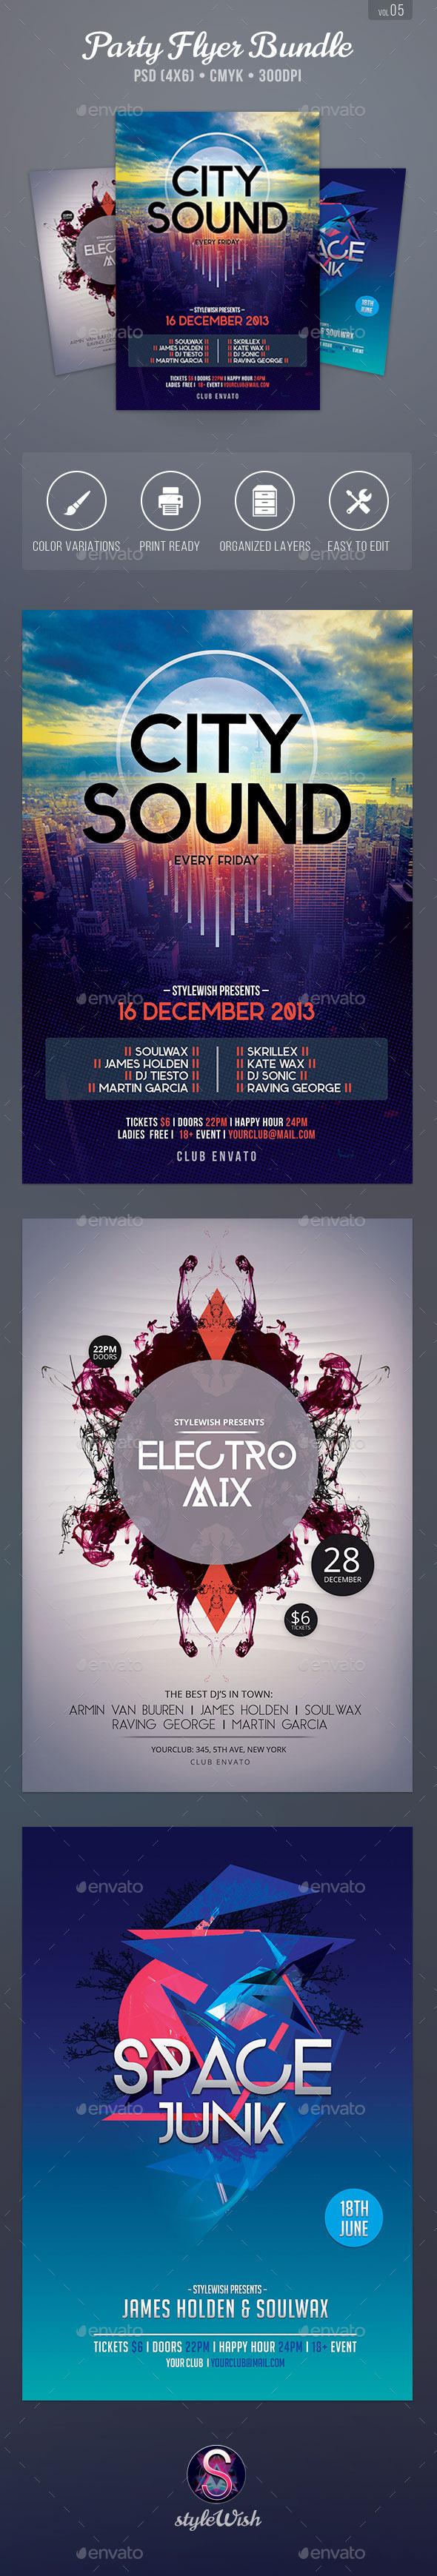 Party Flyer Bundle Vol5 - Clubs & Parties Events